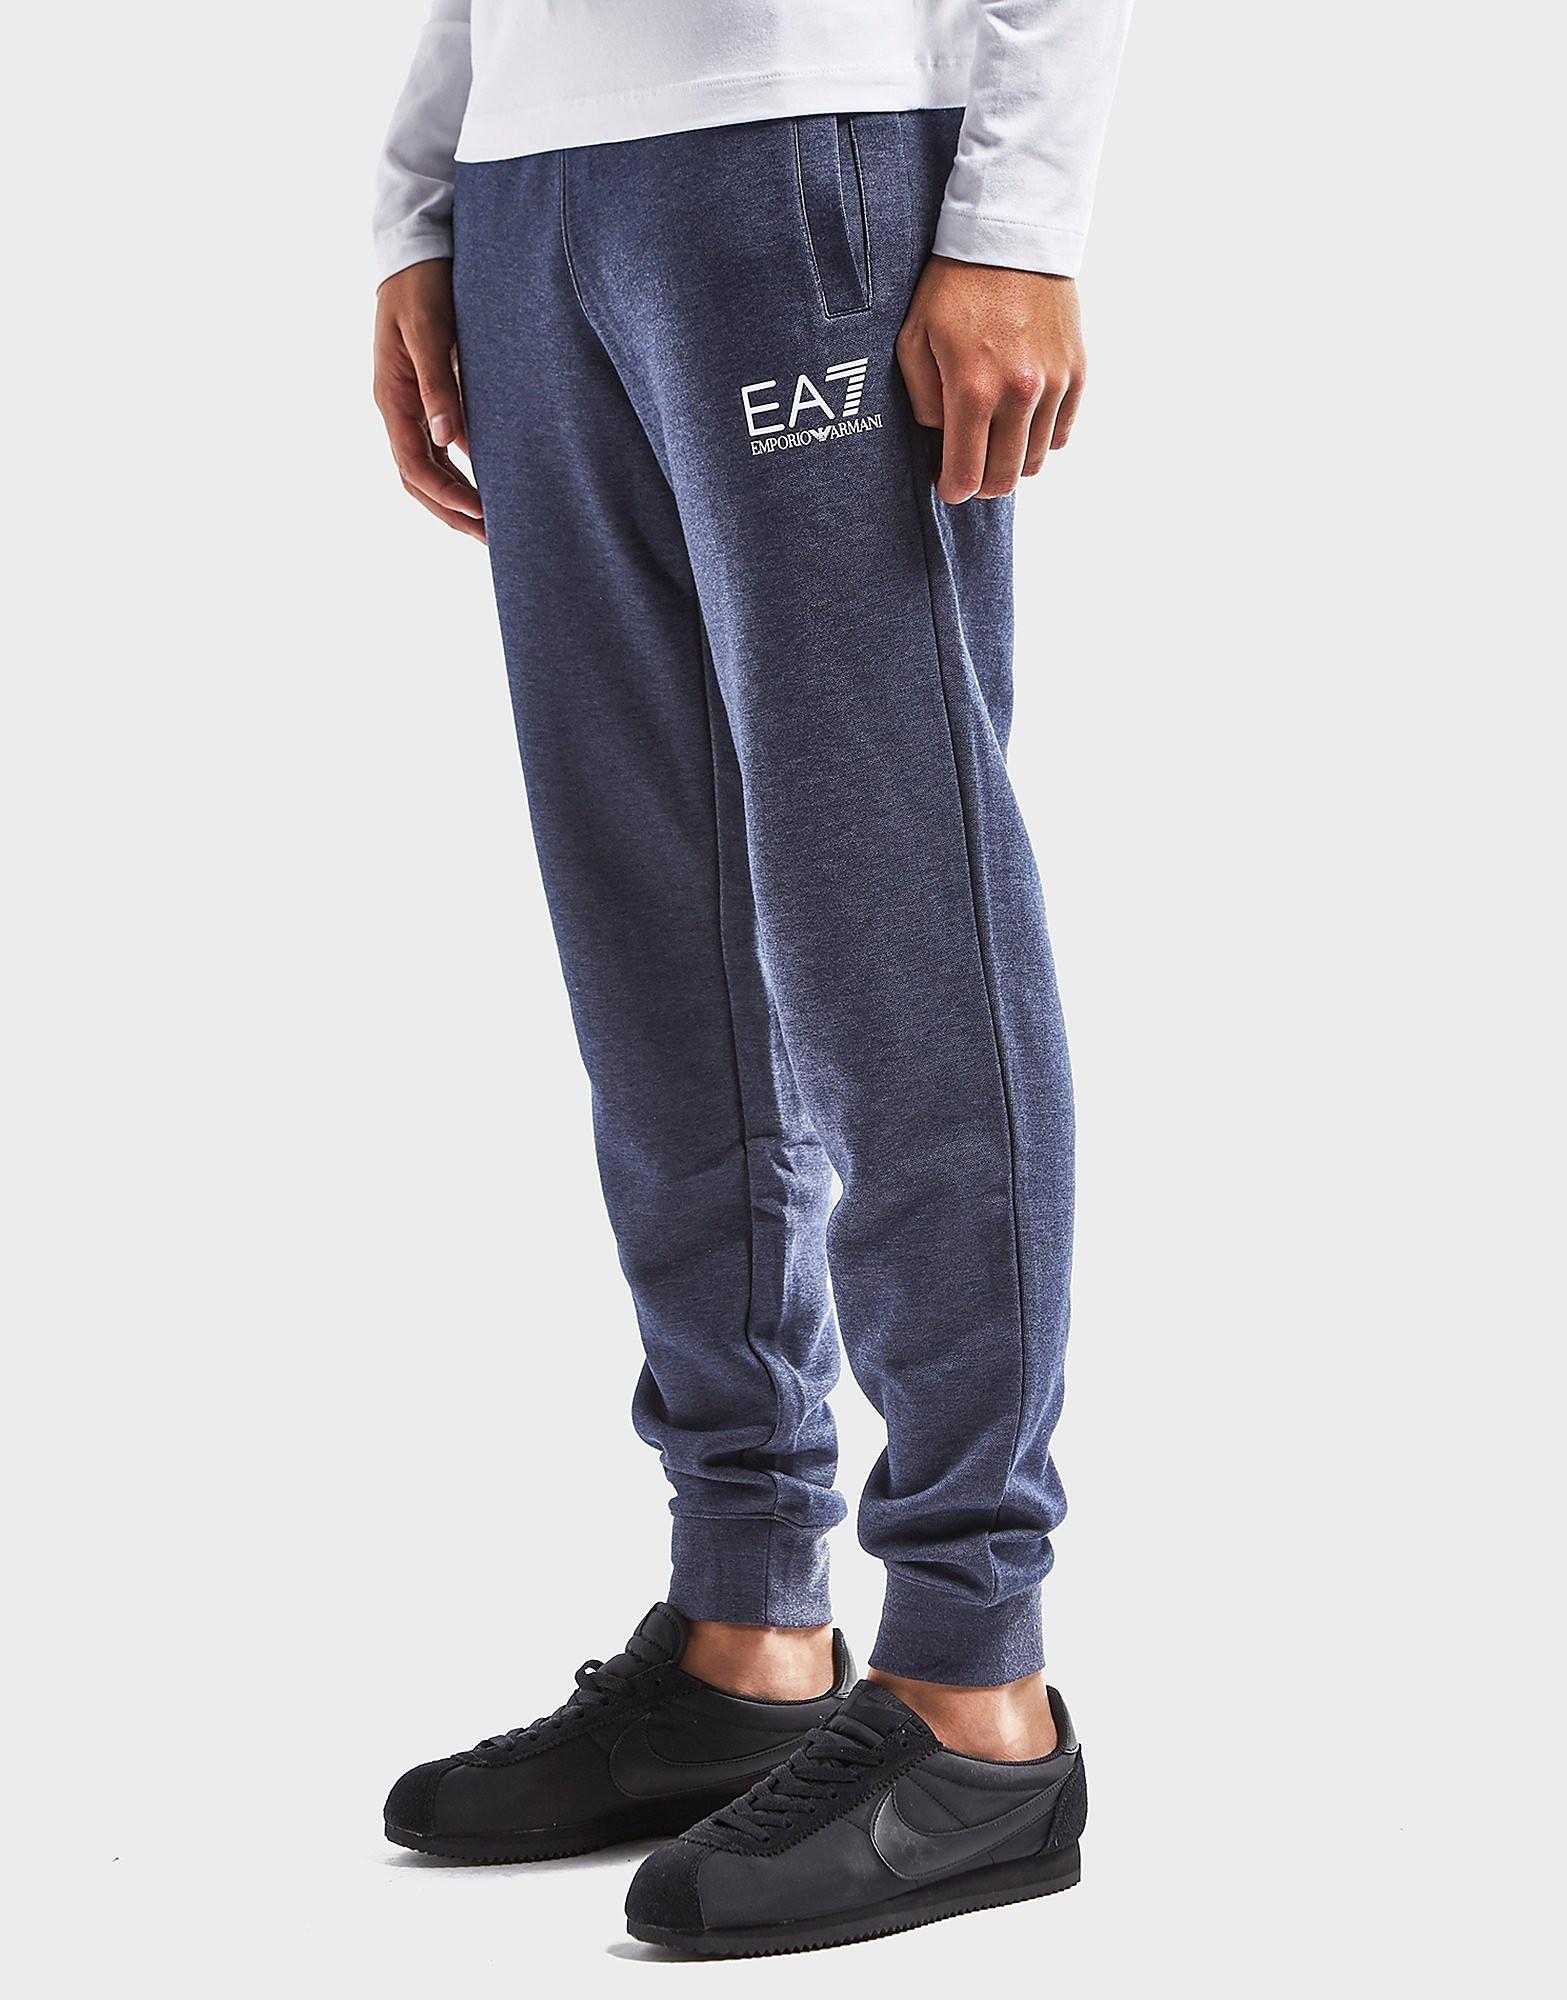 Emporio Armani EA7 Core Cuffed Track Pants